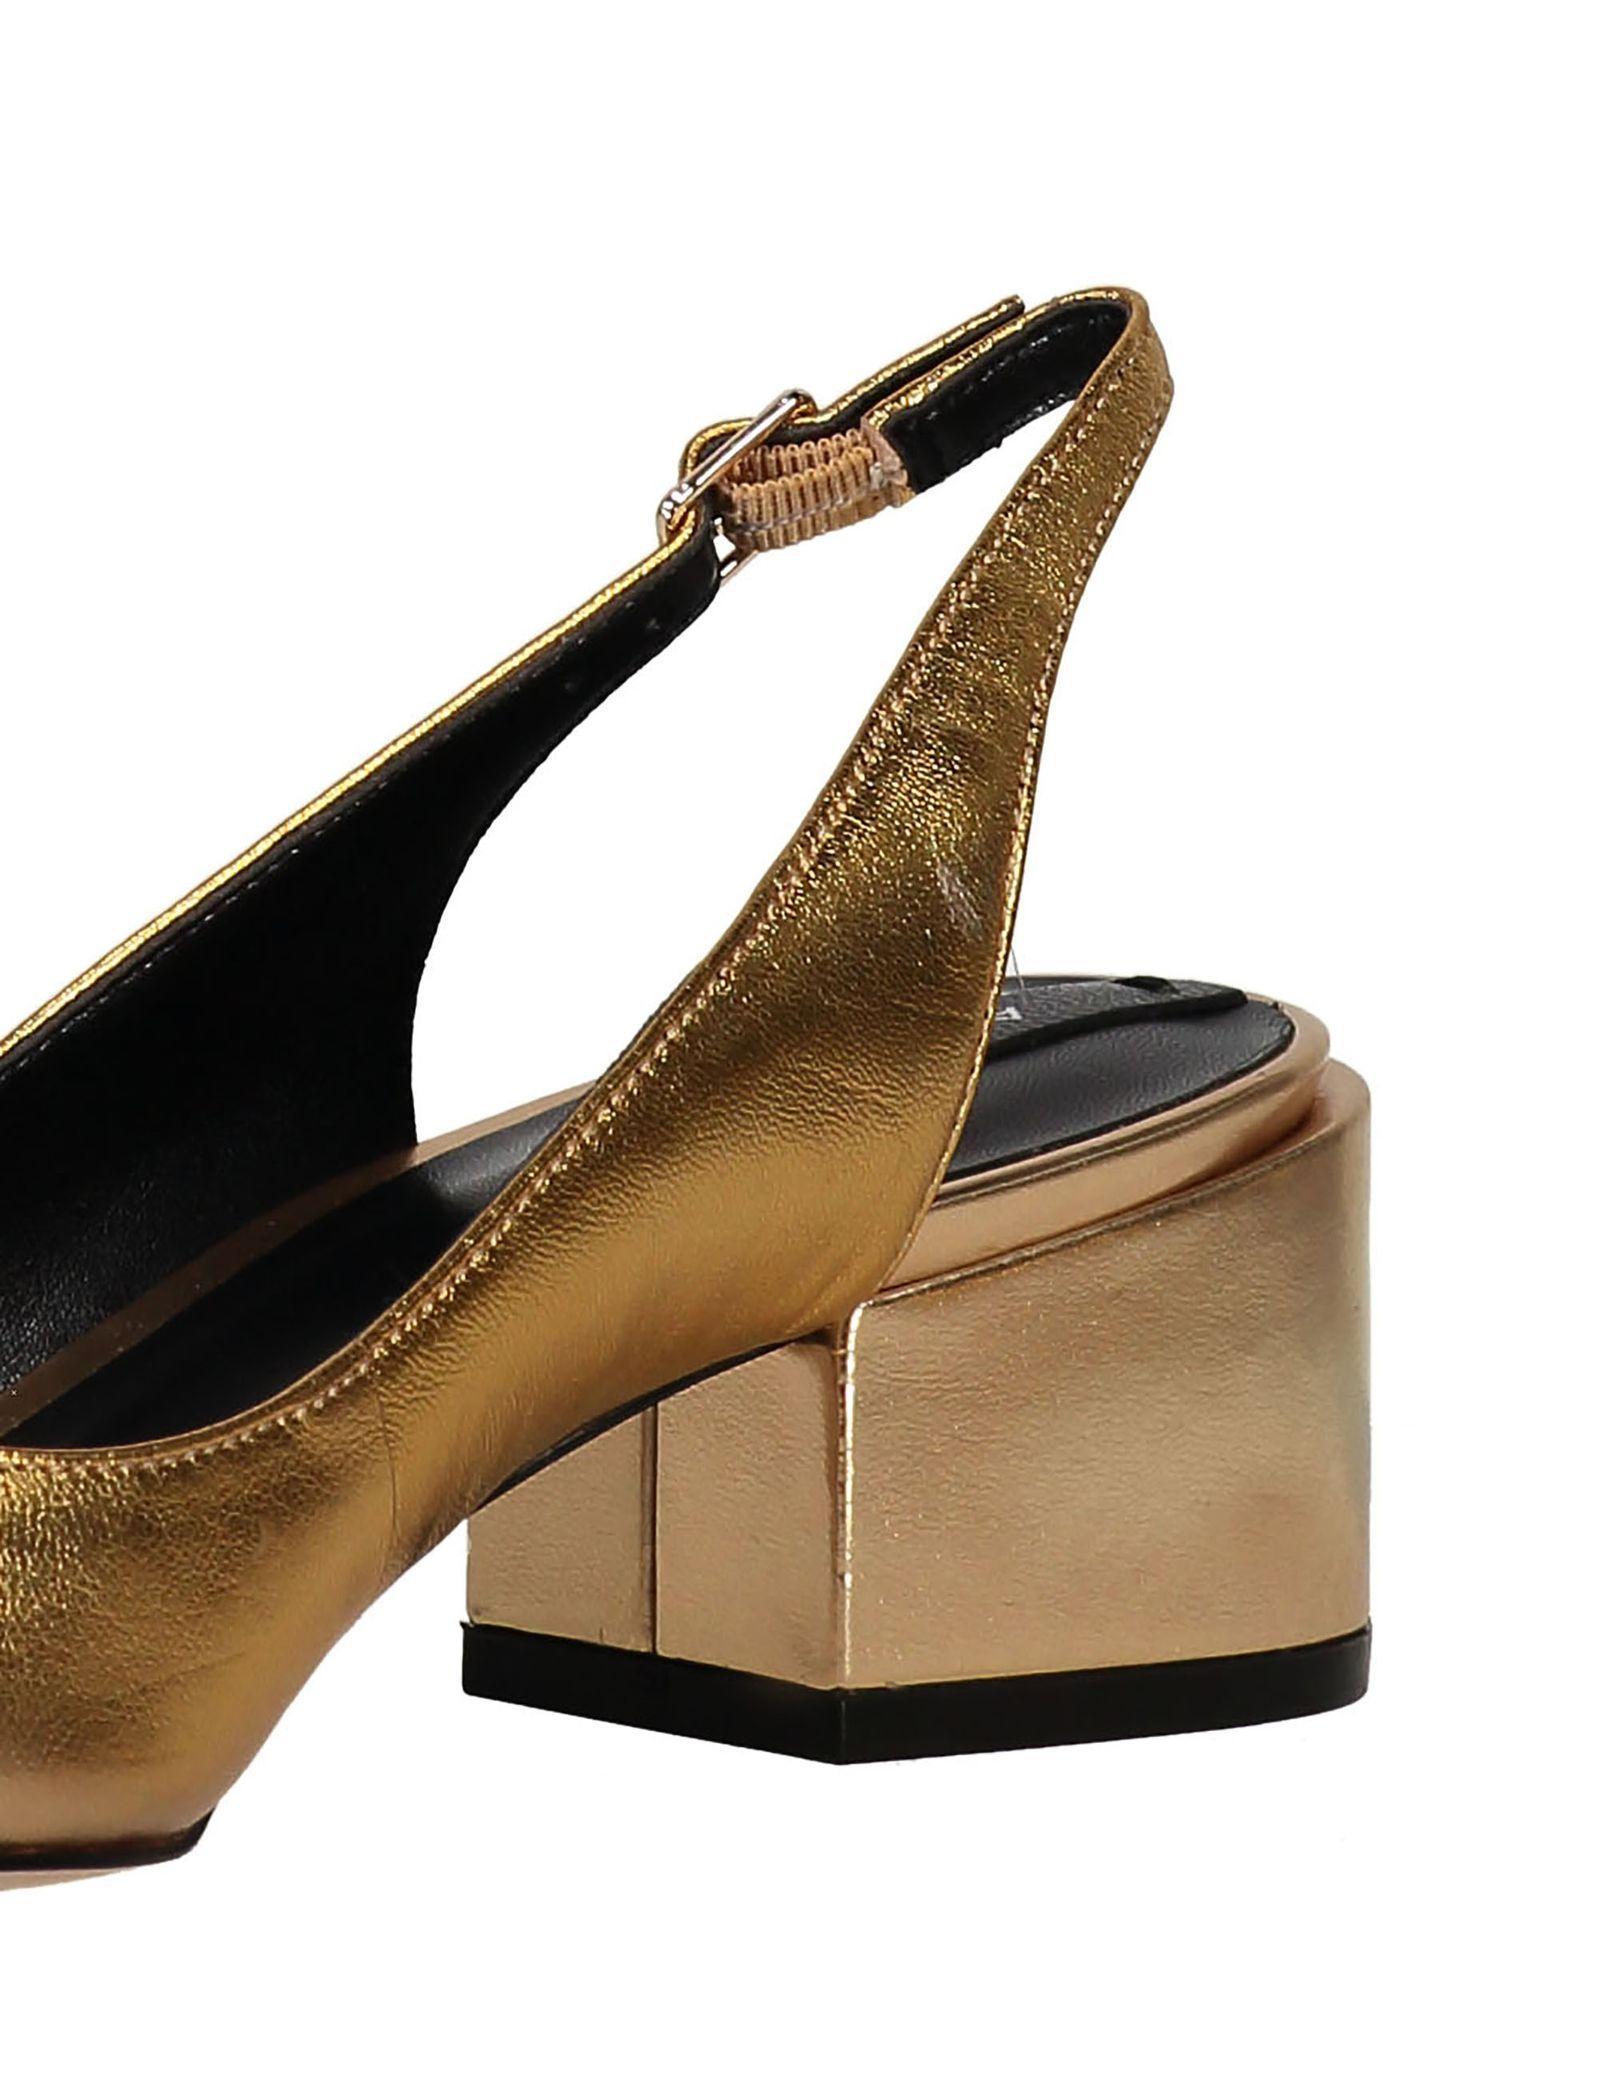 کفش پاشنه بلند چرم زنانه - آلدو - طلايي - 5